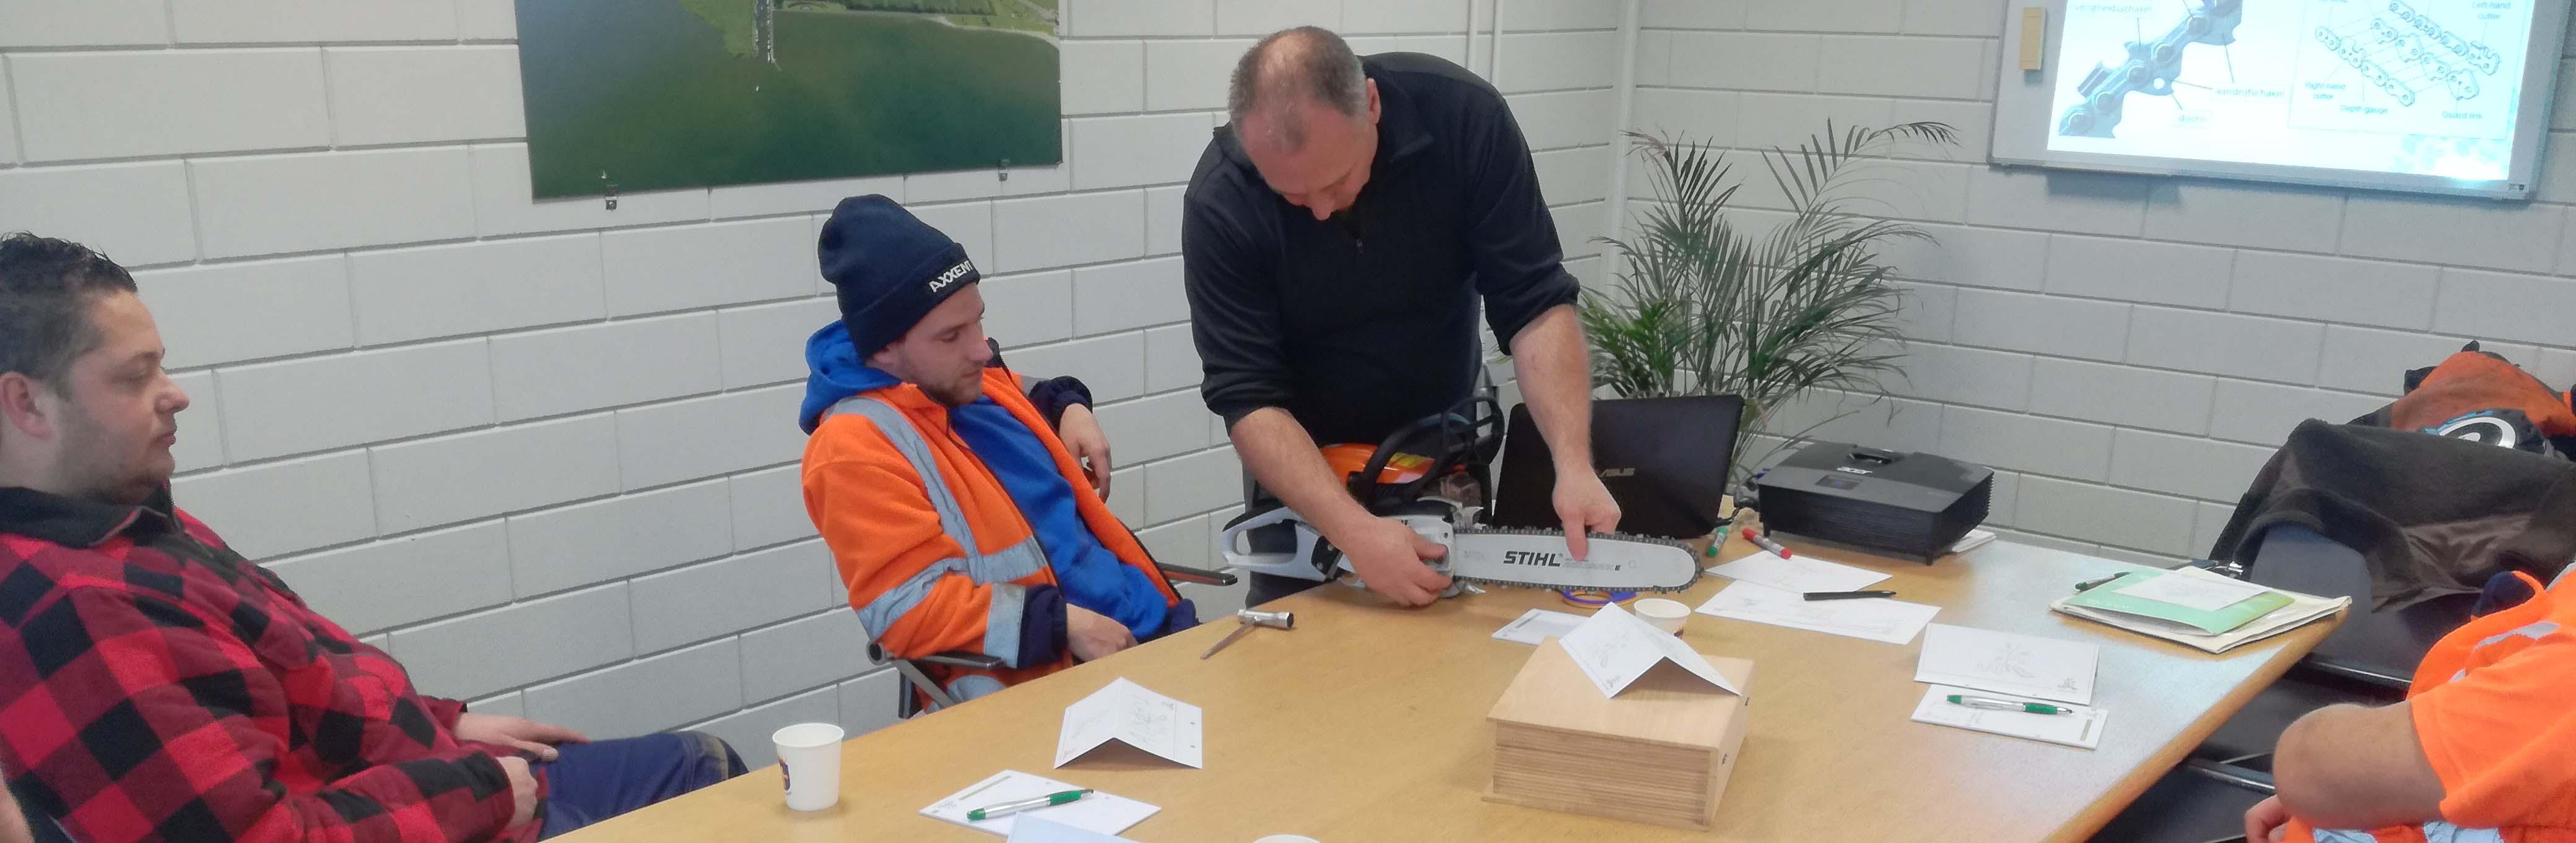 Blog: Gemeente Bunschoten heeft veilig werken hoog in het vaandel